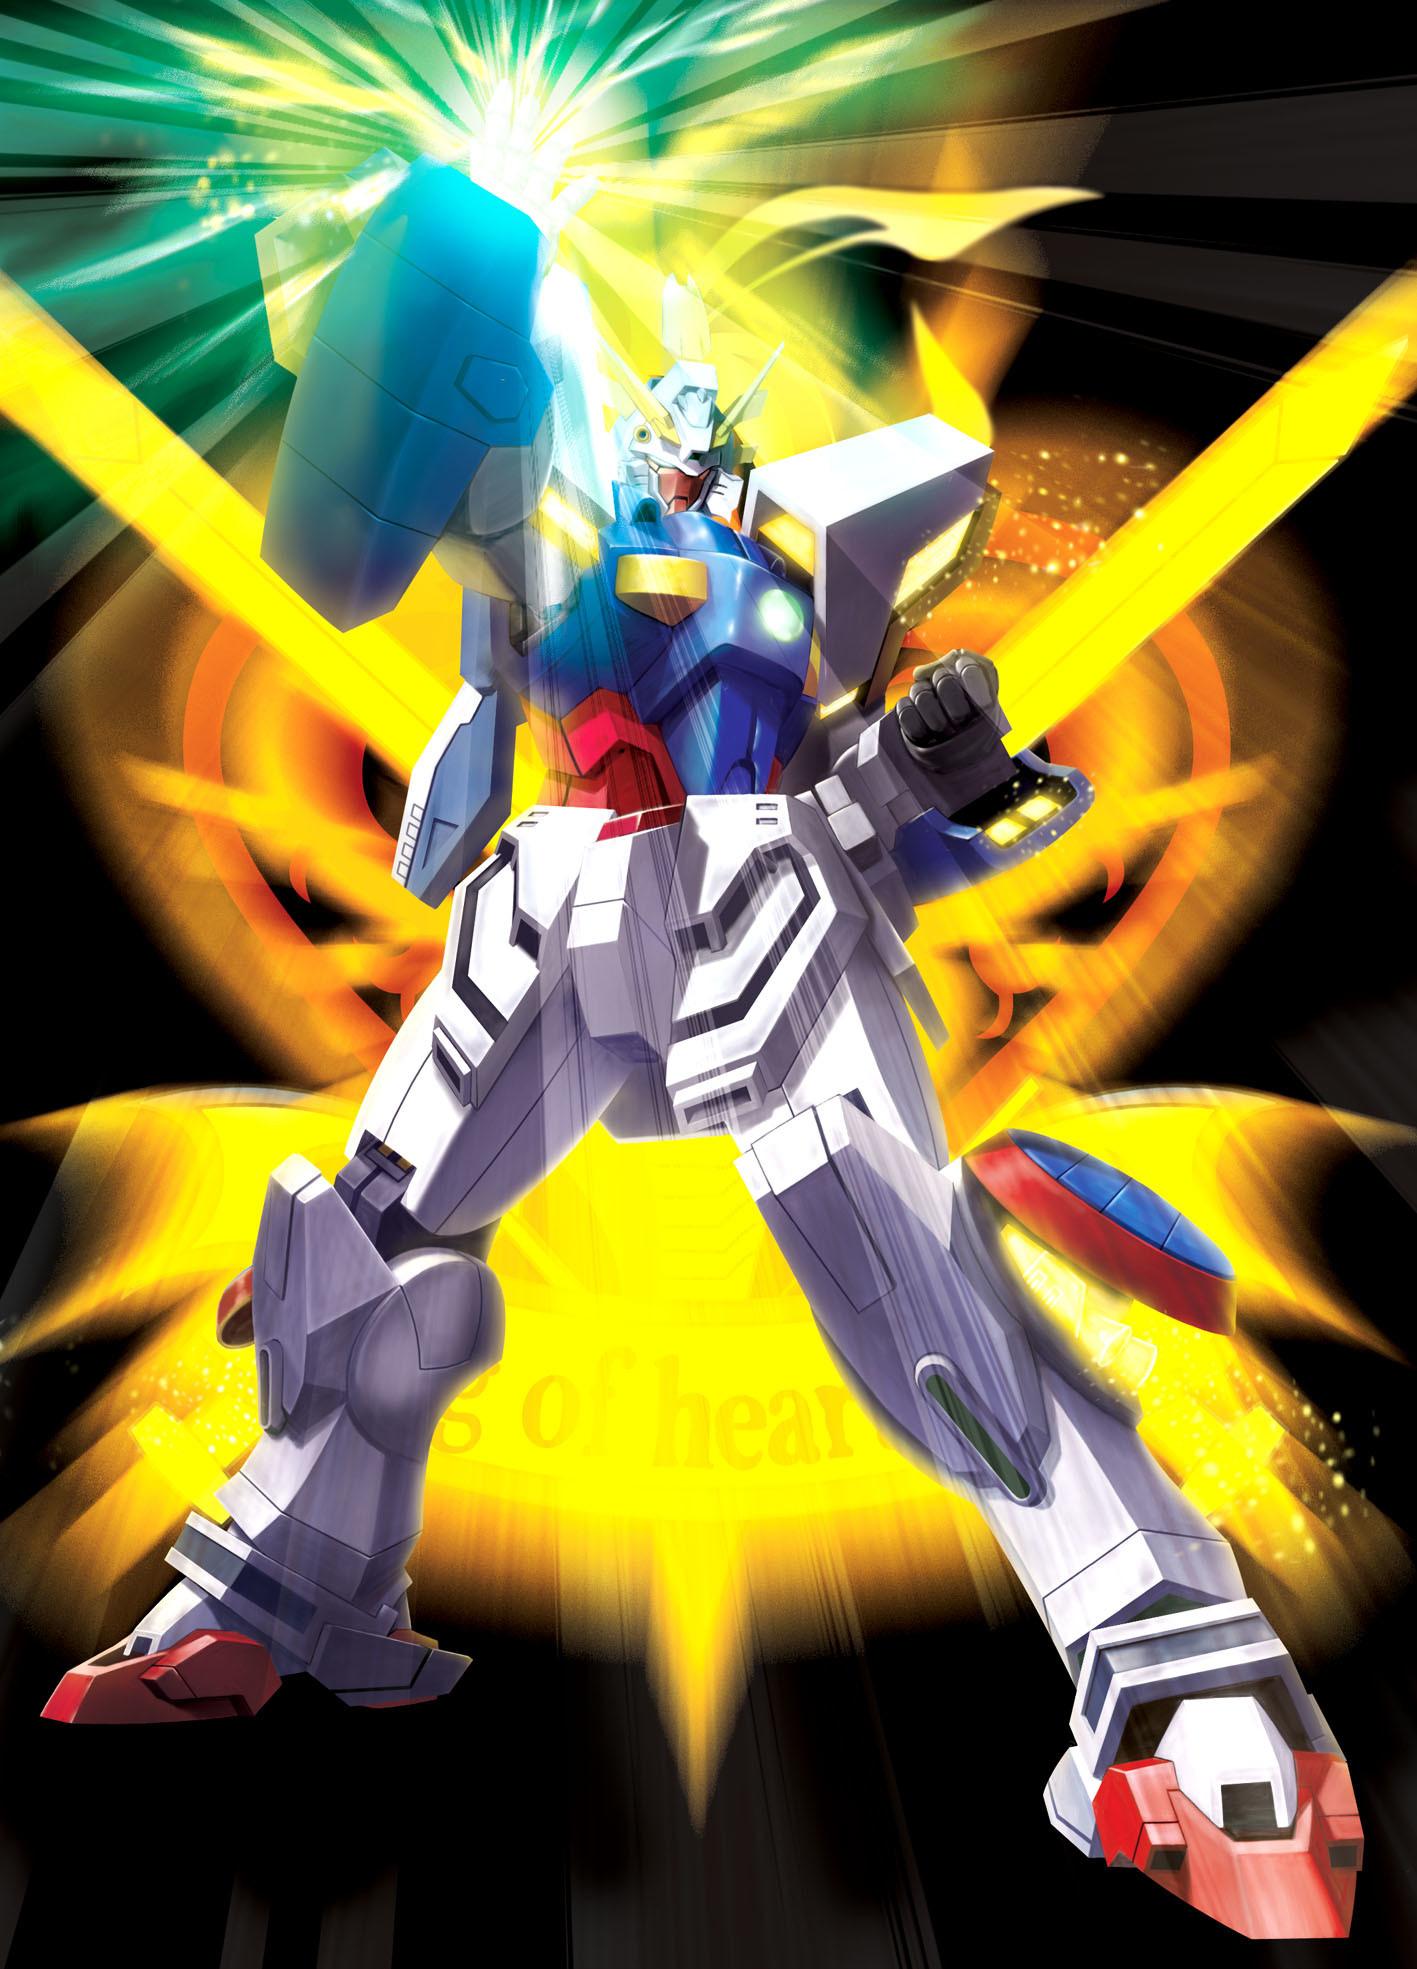 Shining Gundam · download Shining Gundam image